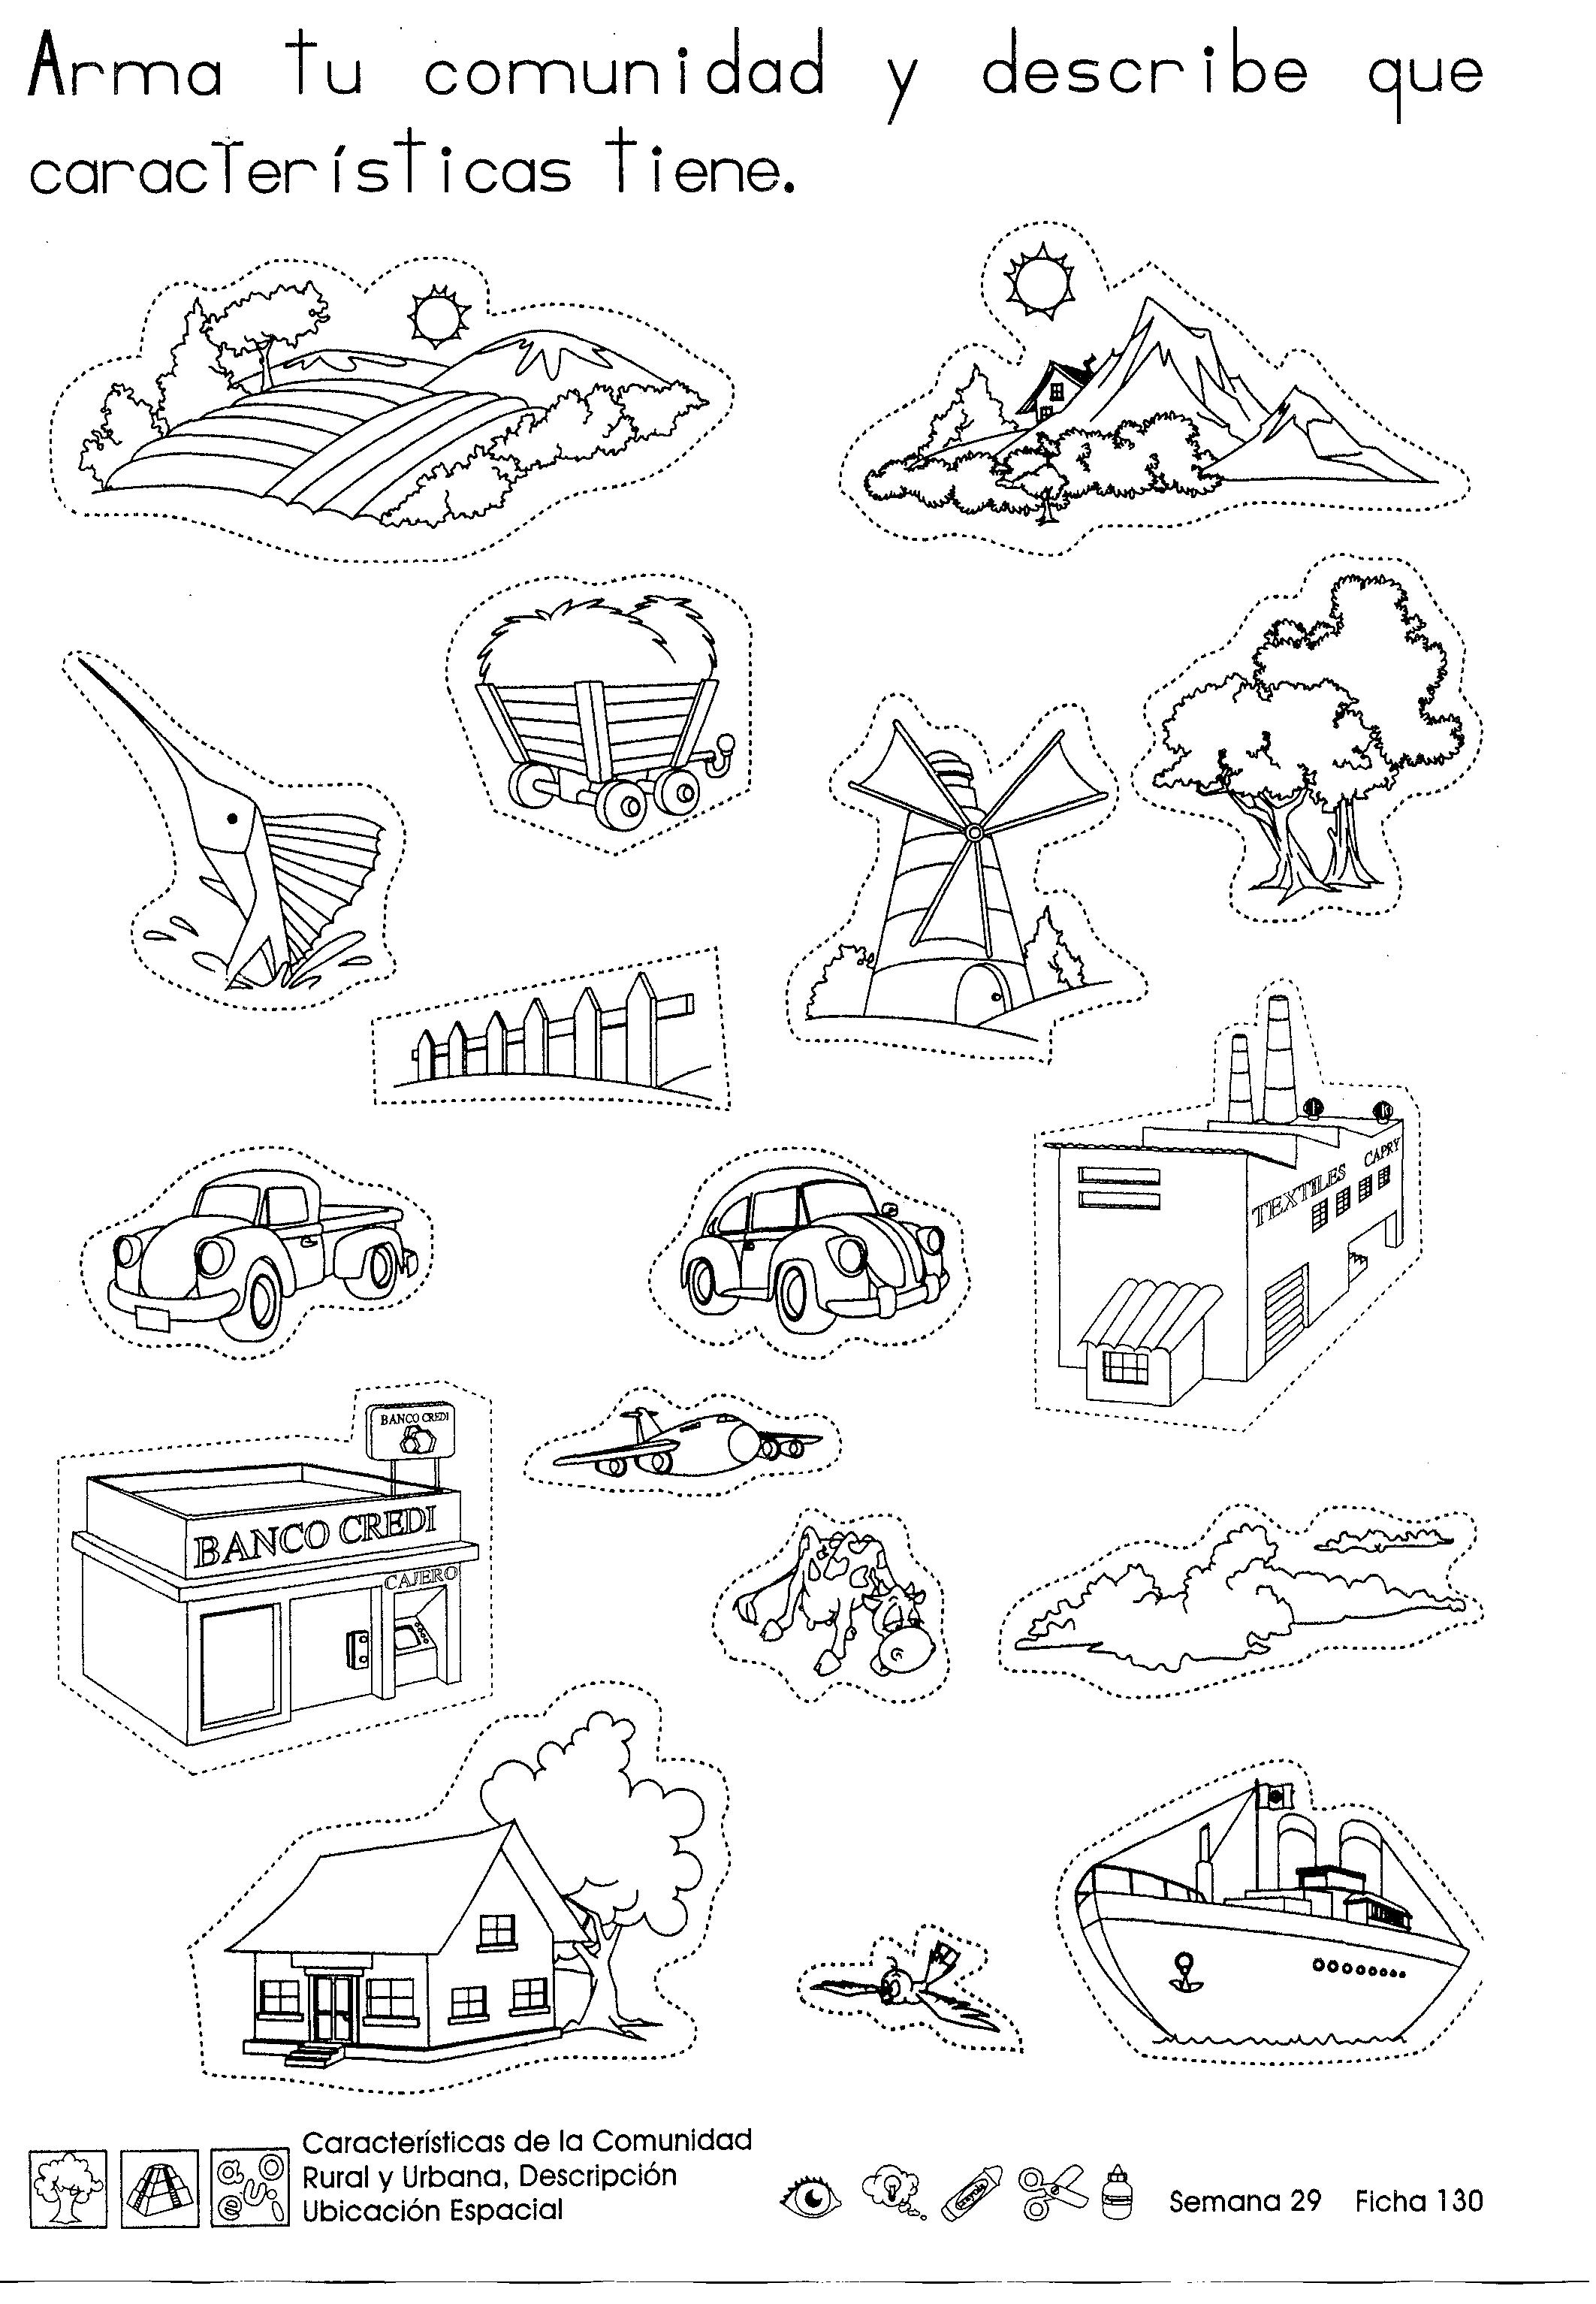 Características de la comunidad rural y urbana